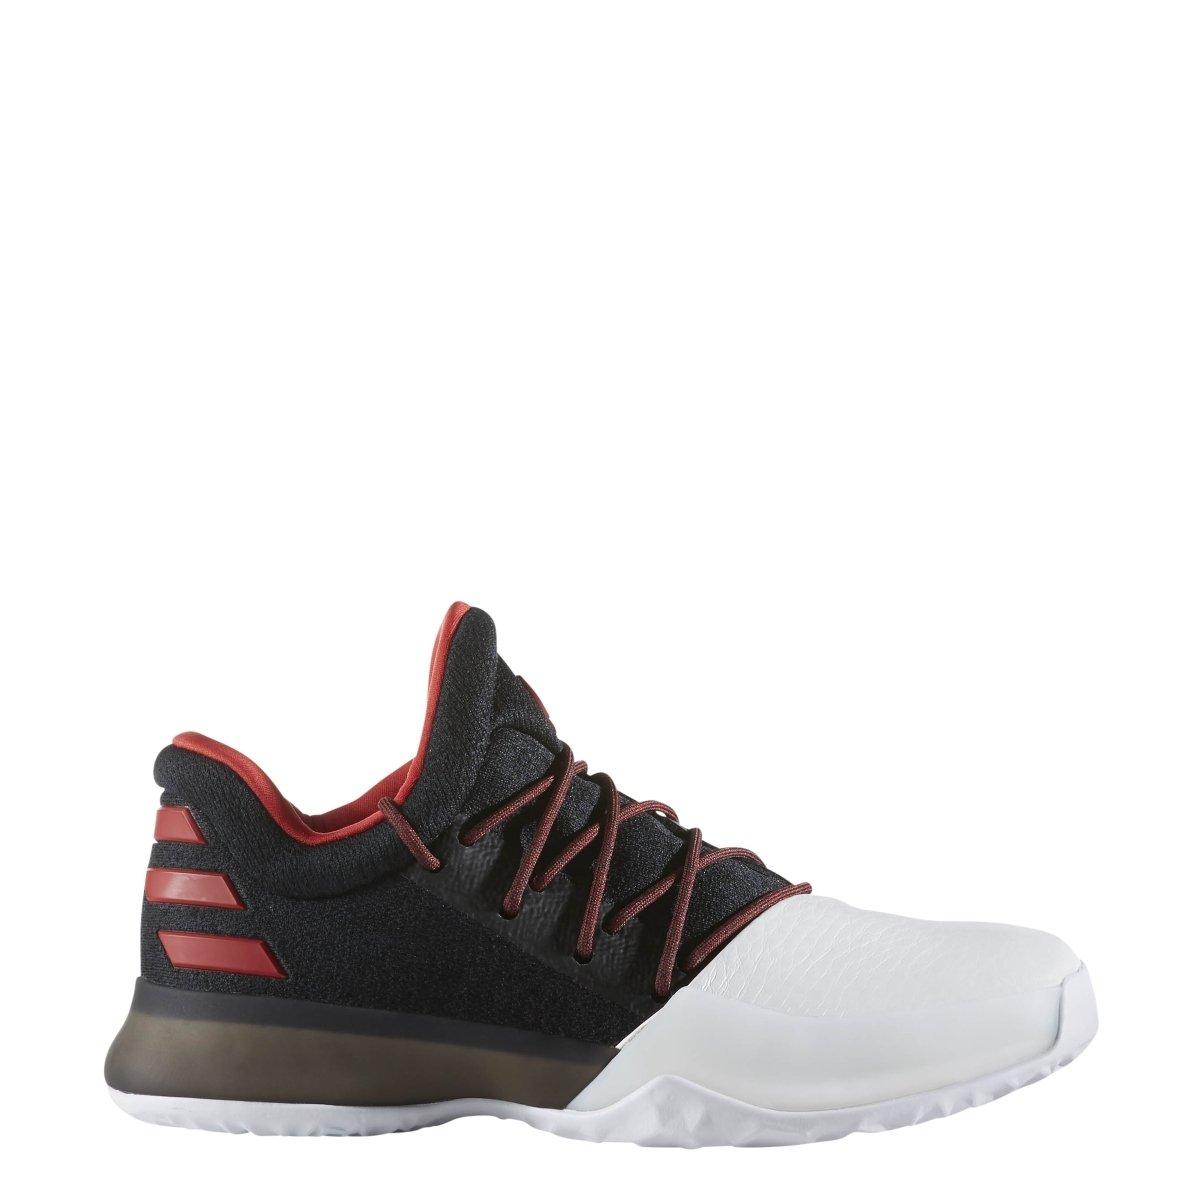 adidas Harden Vol. 1 Shoe - Core Black/Scarlet/Footwear White - Boys - 4.5